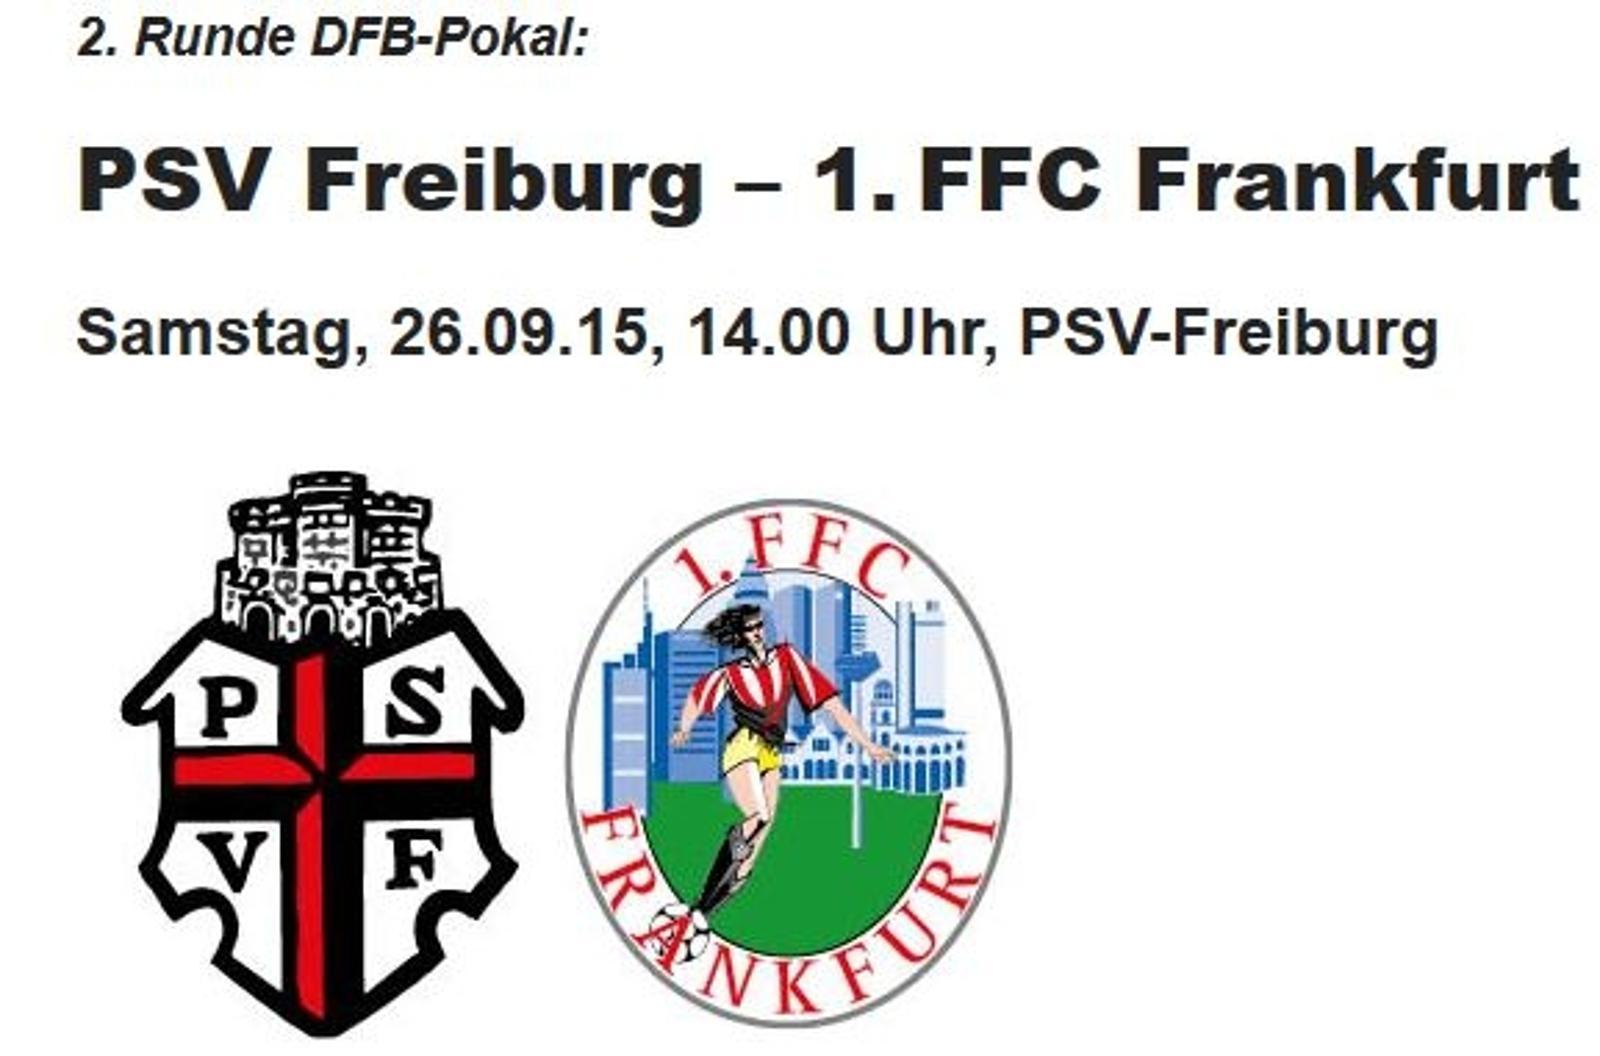 Psv Freiburg Traumlos Für Den Psv Freiburg Im Dfb Pokal 201516